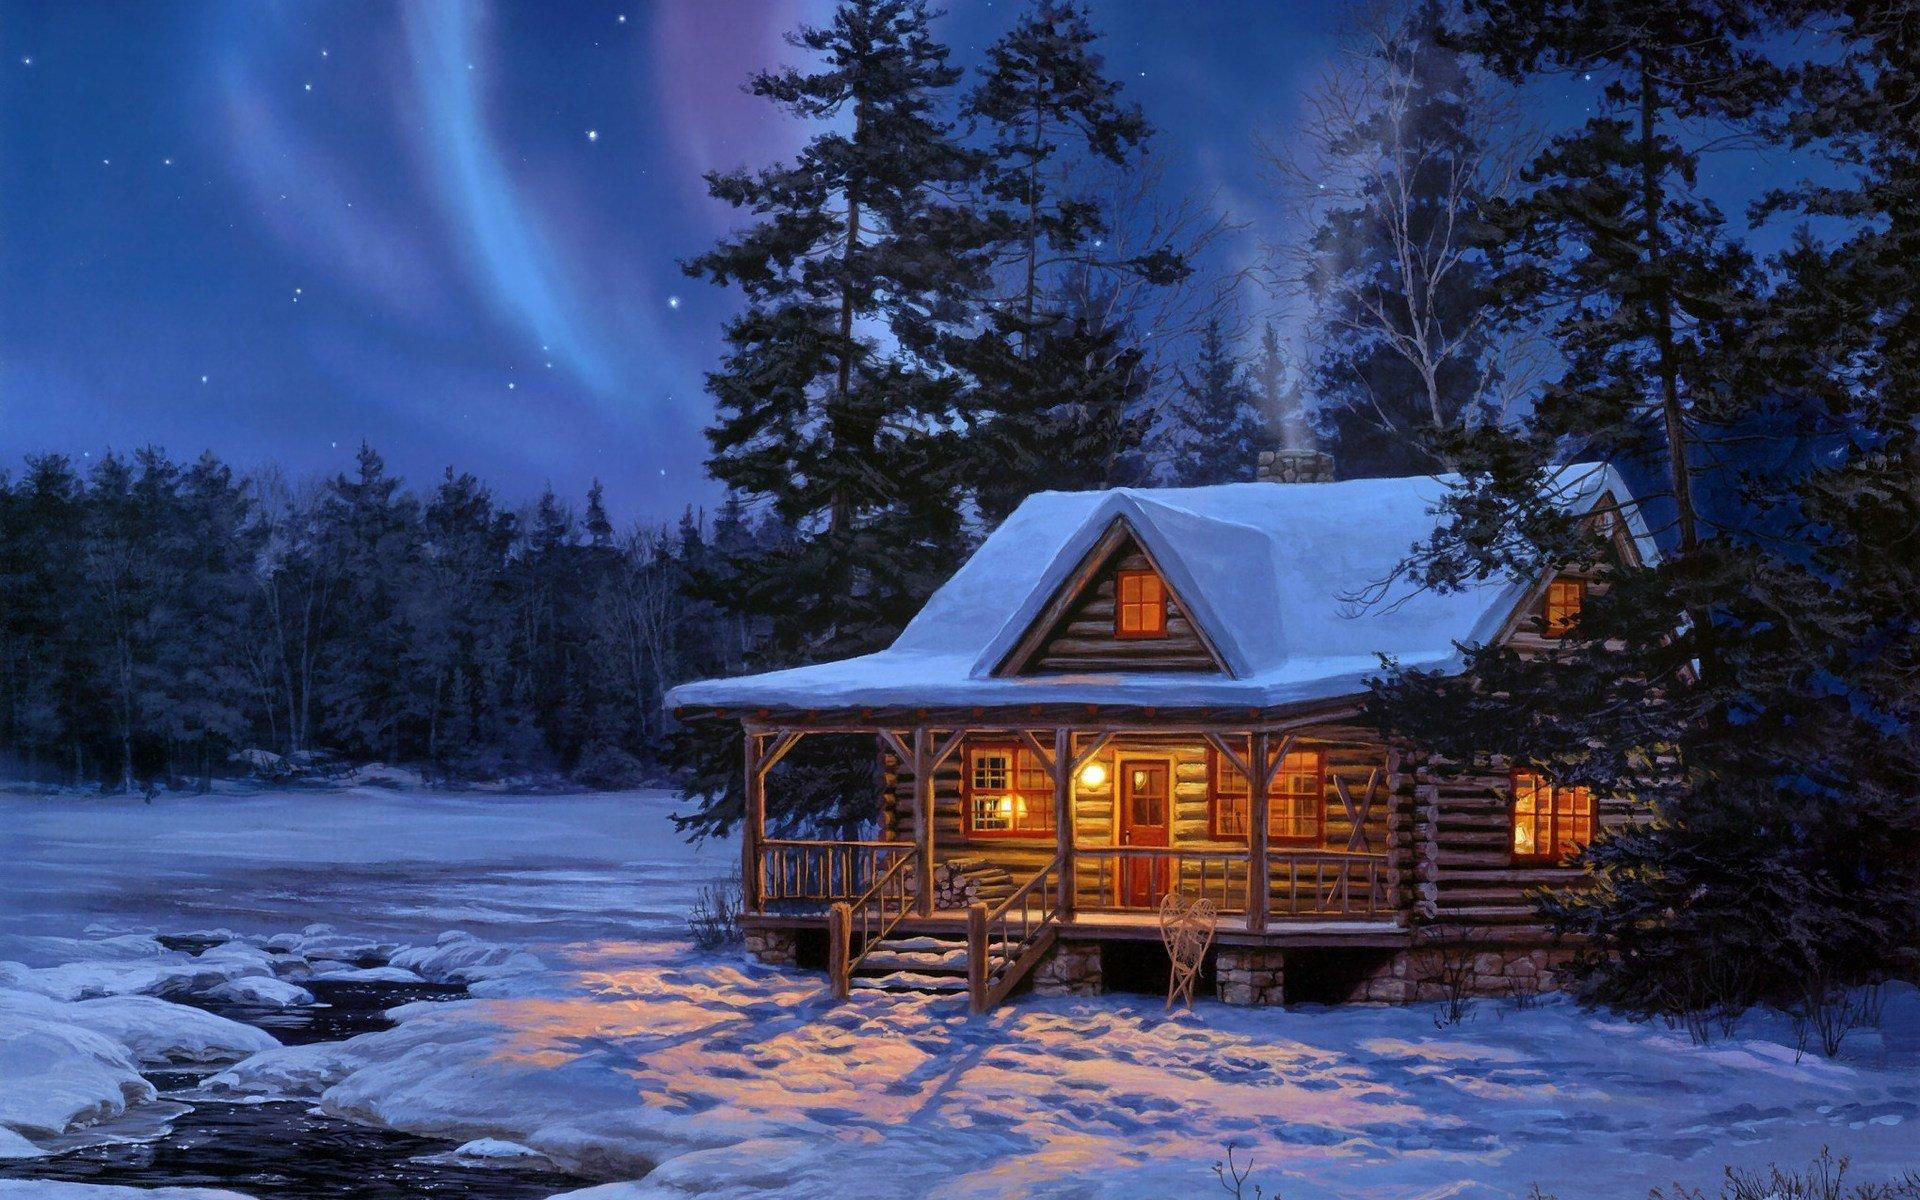 艺术 - 冬季  艺术 木屋 Snow 树 Dusk 星空 壁纸